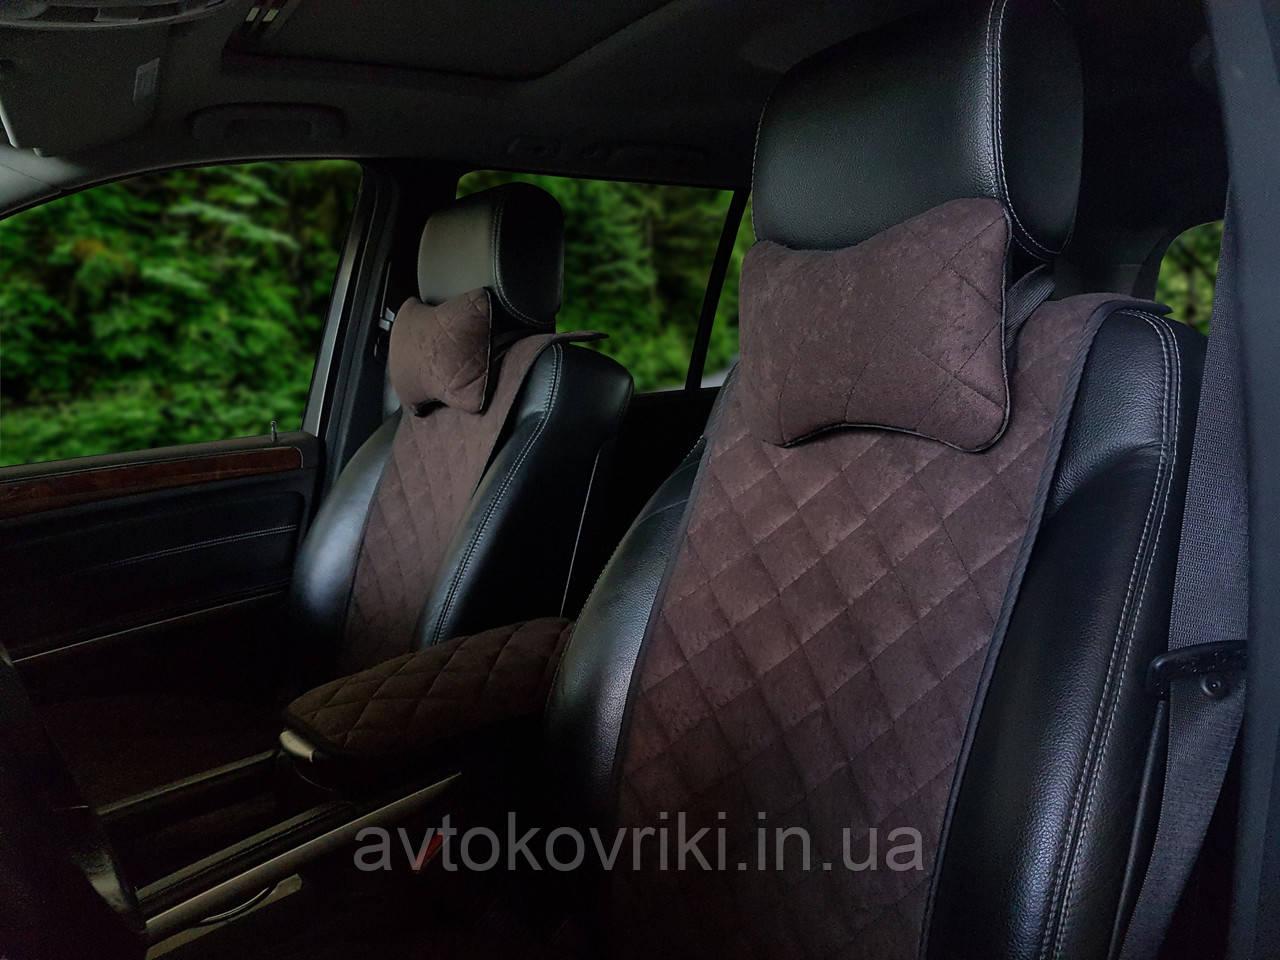 Накидки на сиденья темно-коричневые. Передний комплект. СТАНДАРТ. Авточехлы - фото 3